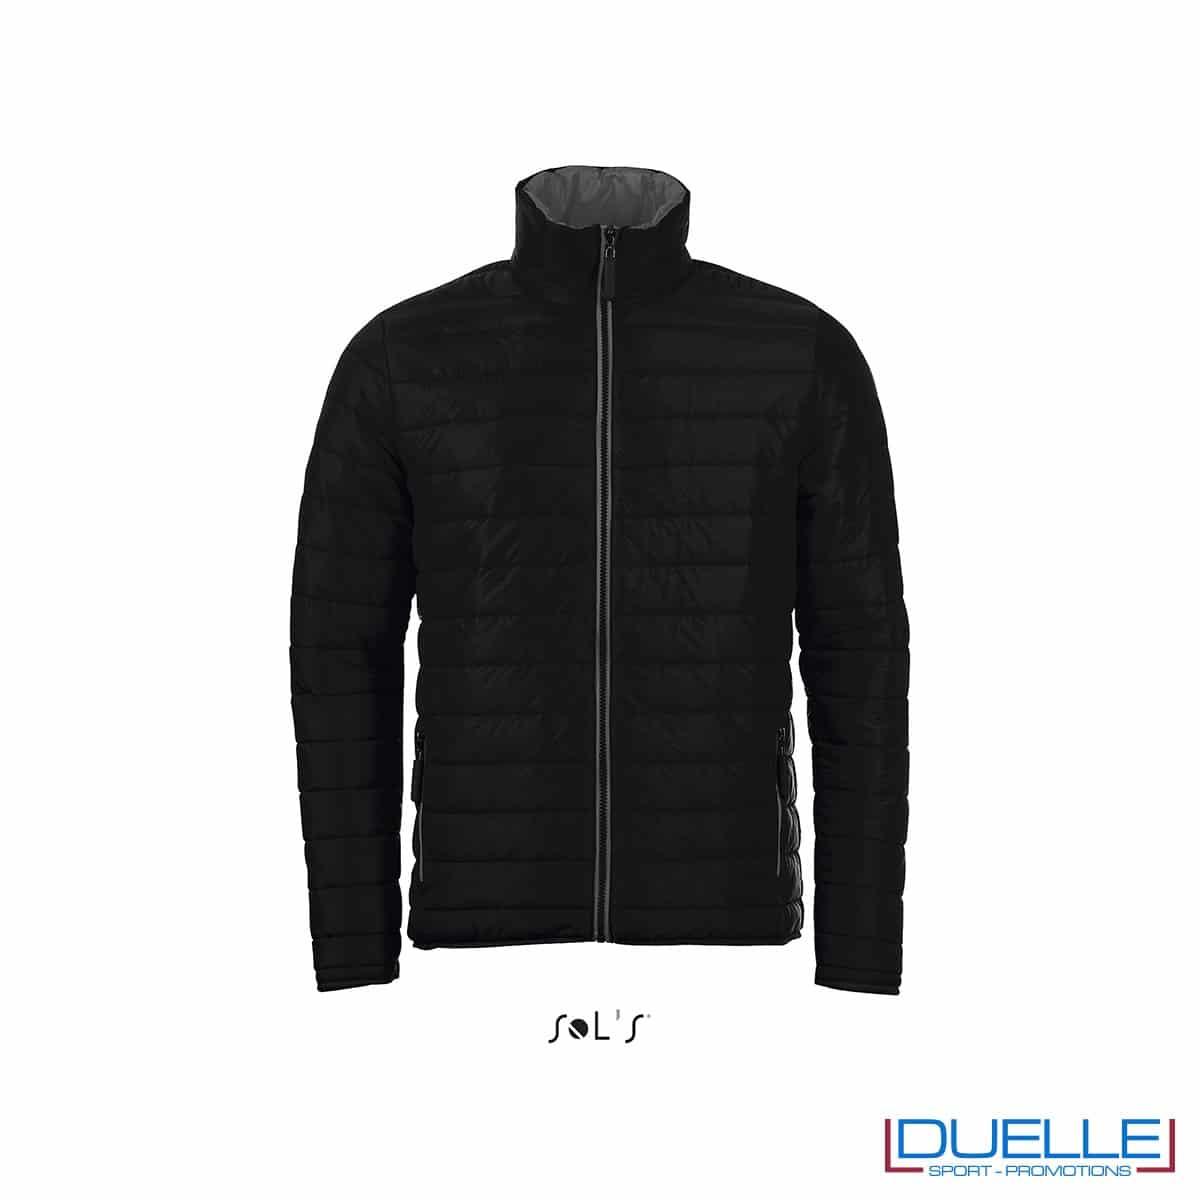 piumino personalizzato in colore nero, abbigliamento promozionale personalizzato